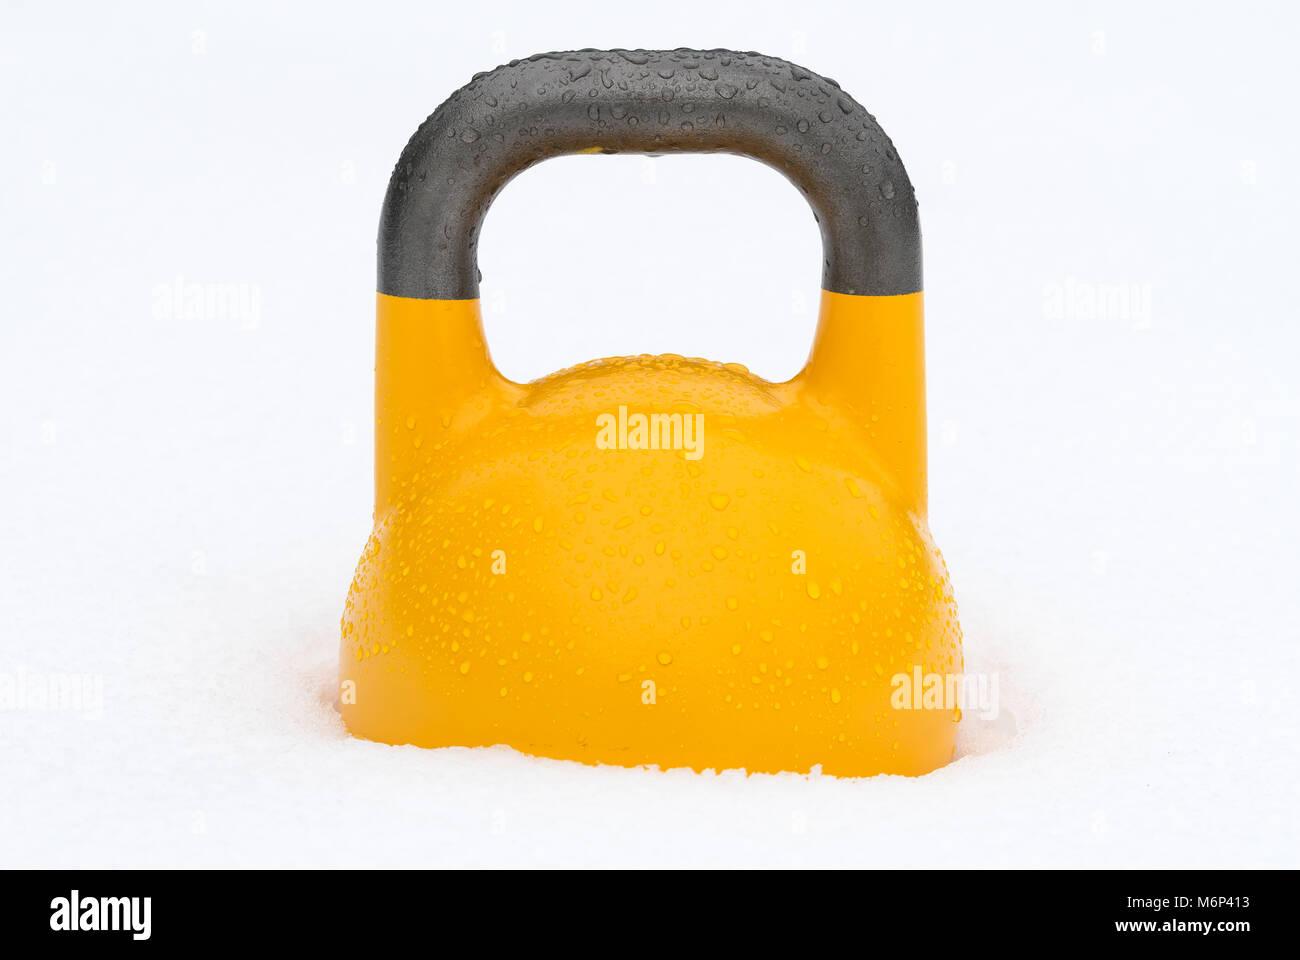 Poids kettlebell formation jaune dans la neige. Utilisation potentielle comme offseason / winter concept de formation. Photo Stock